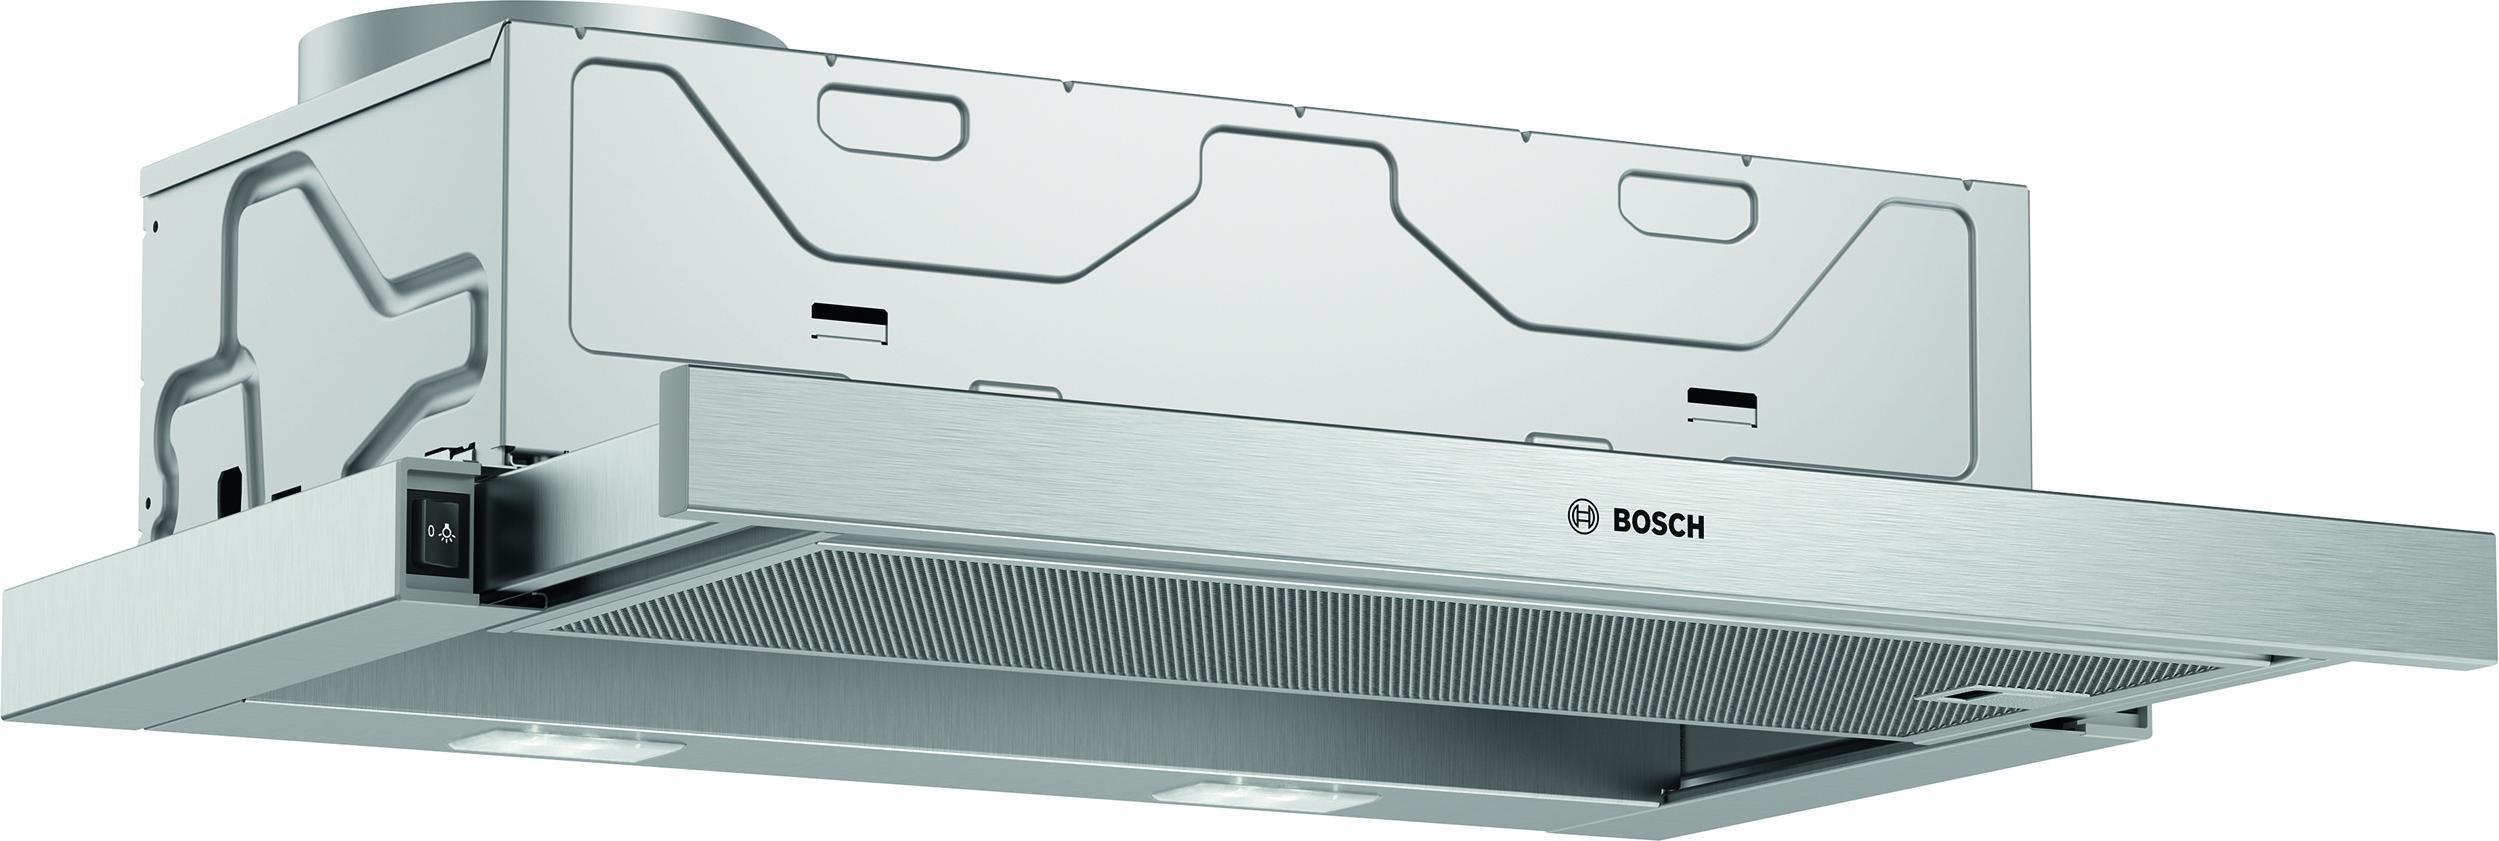 Bosch DFM064W54 Afzuigkap vlakscherm Aluminium